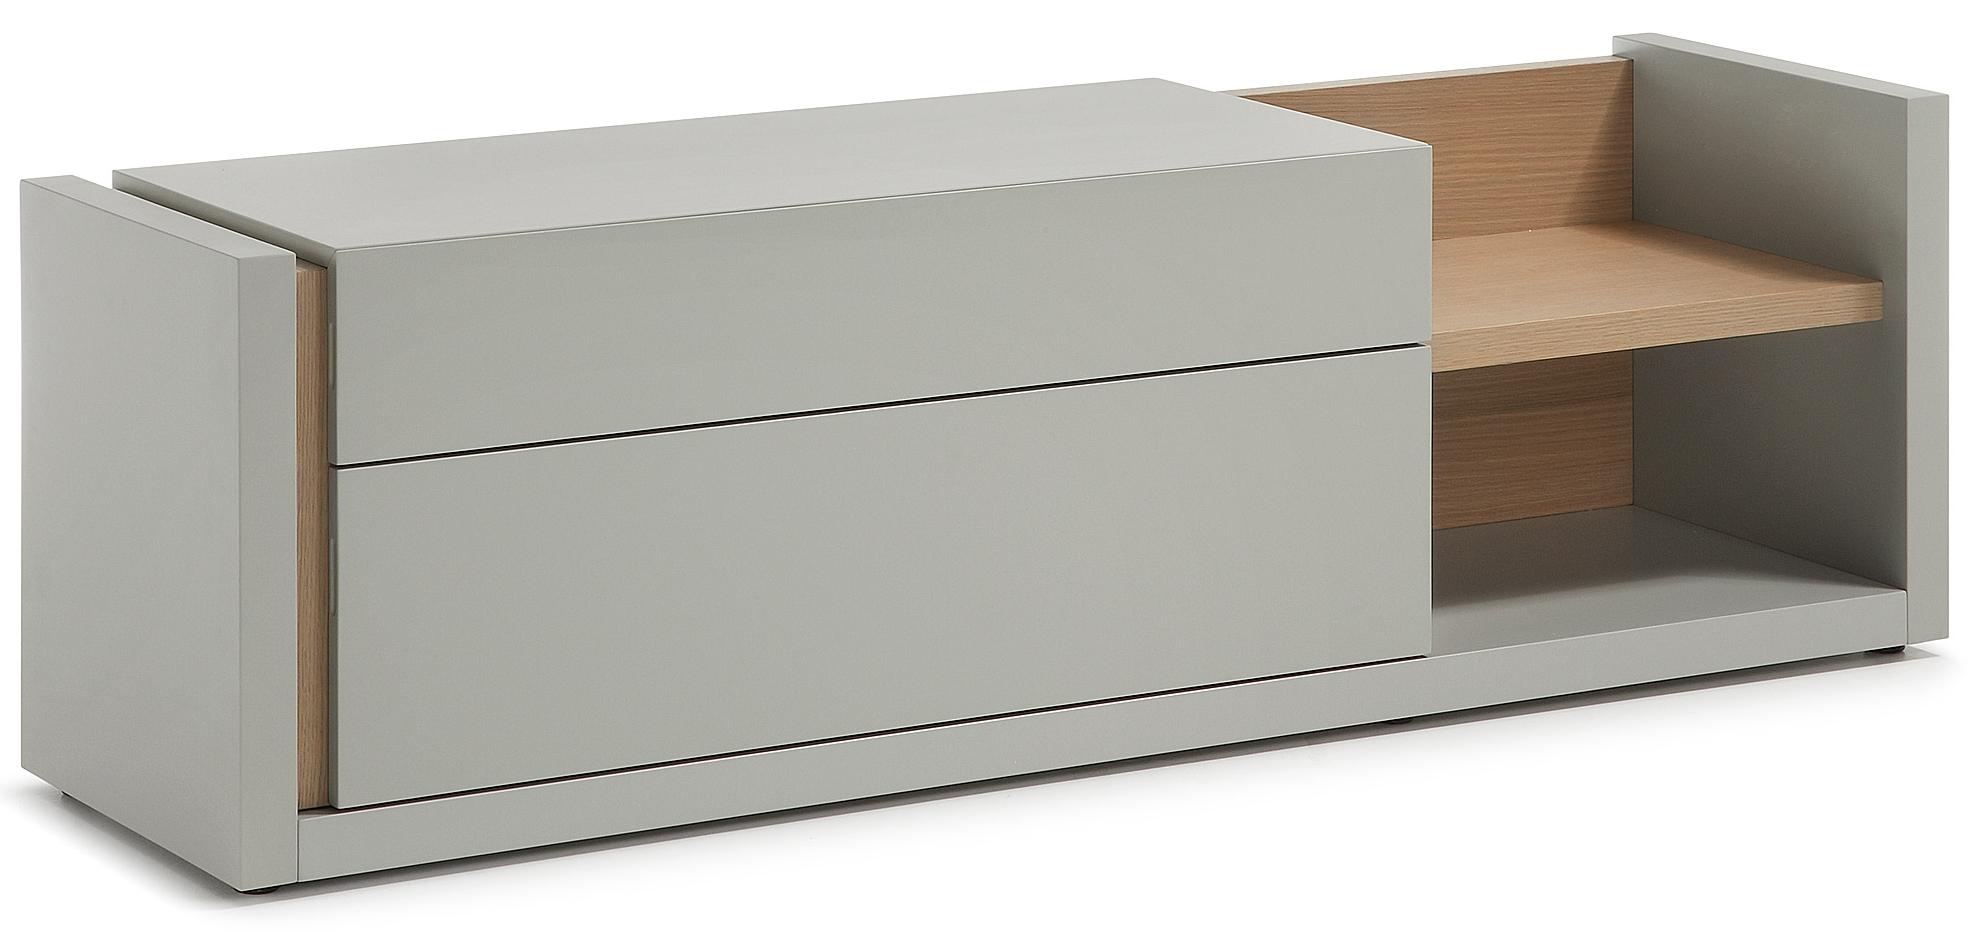 meubel qu b170 x d52 x h45 mat lichtgrijs € 620 00 modern tv meubel ...